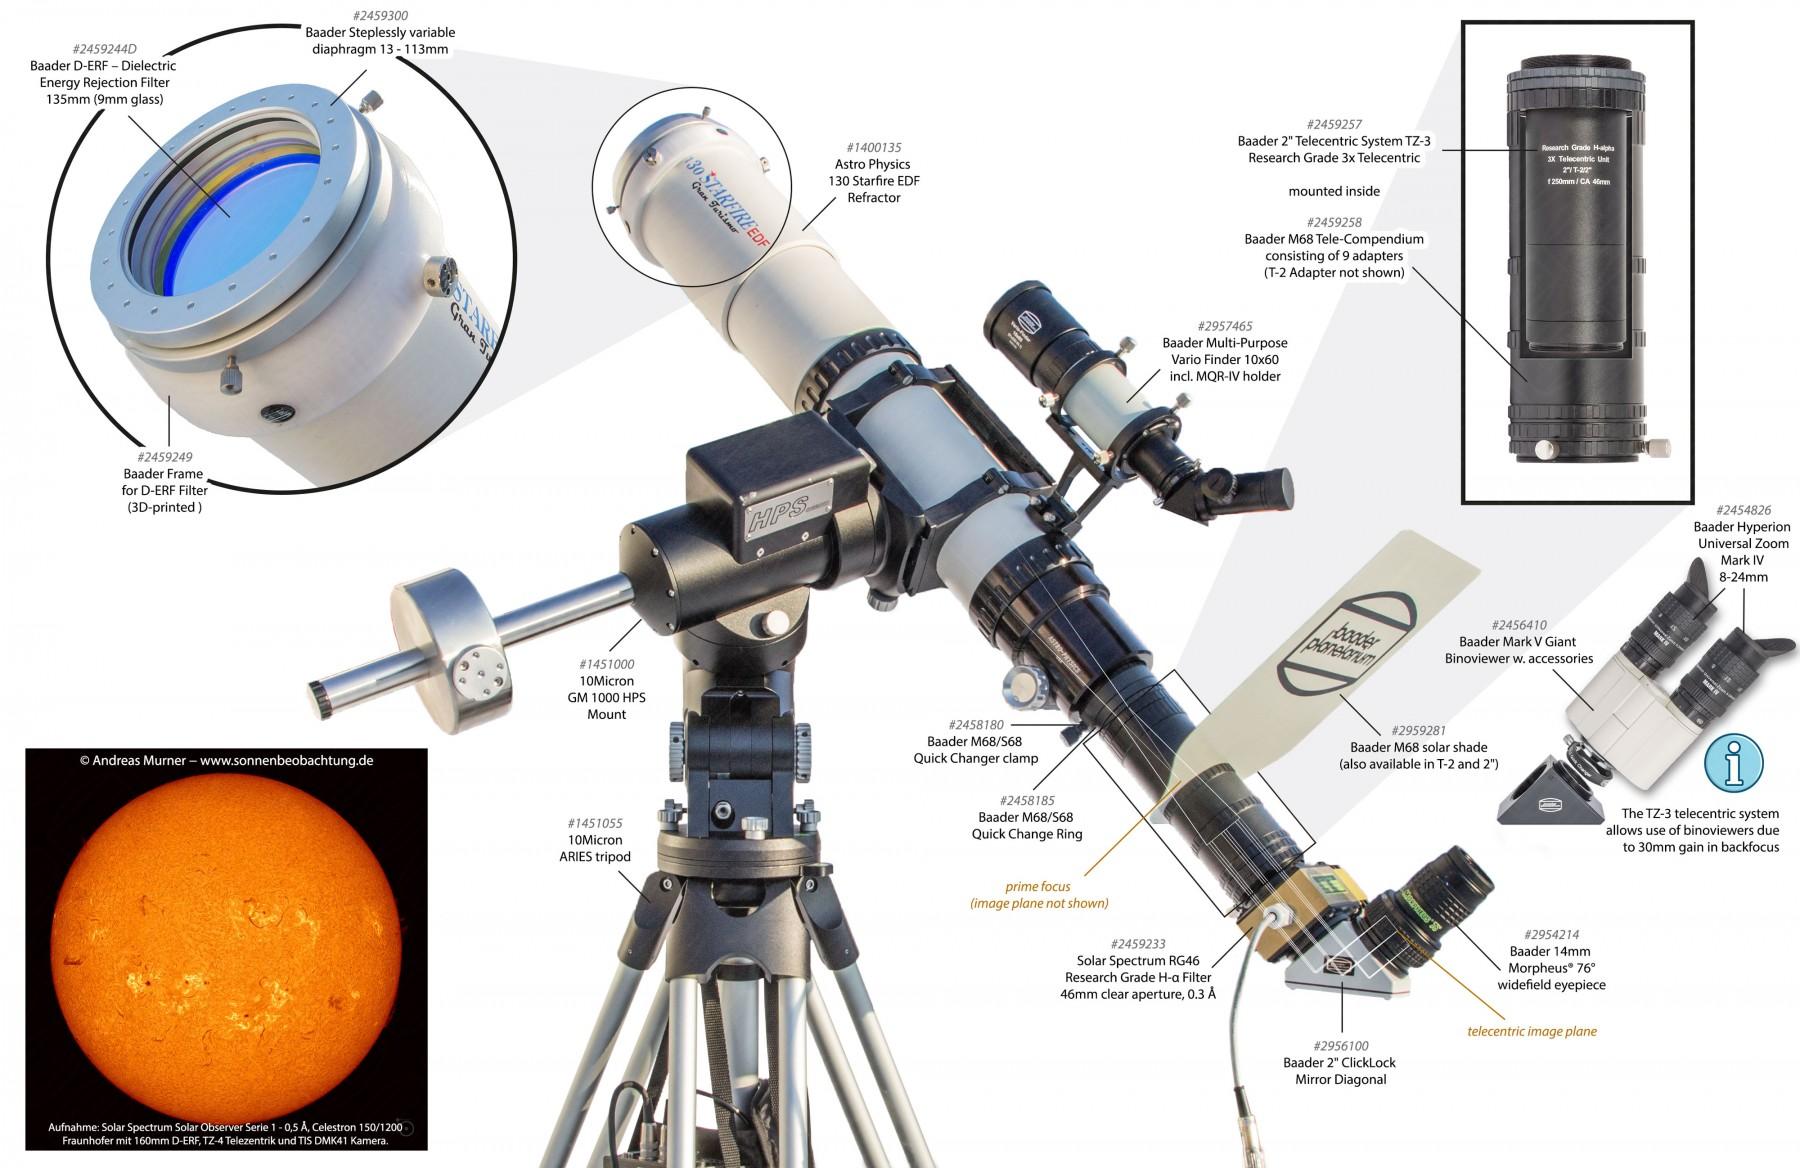 Anwendungsbild: Solar Spectrum H-alpha Filter mit TZ-3, Telekompendium, D-ERF und weiterem optionalem Zubehör